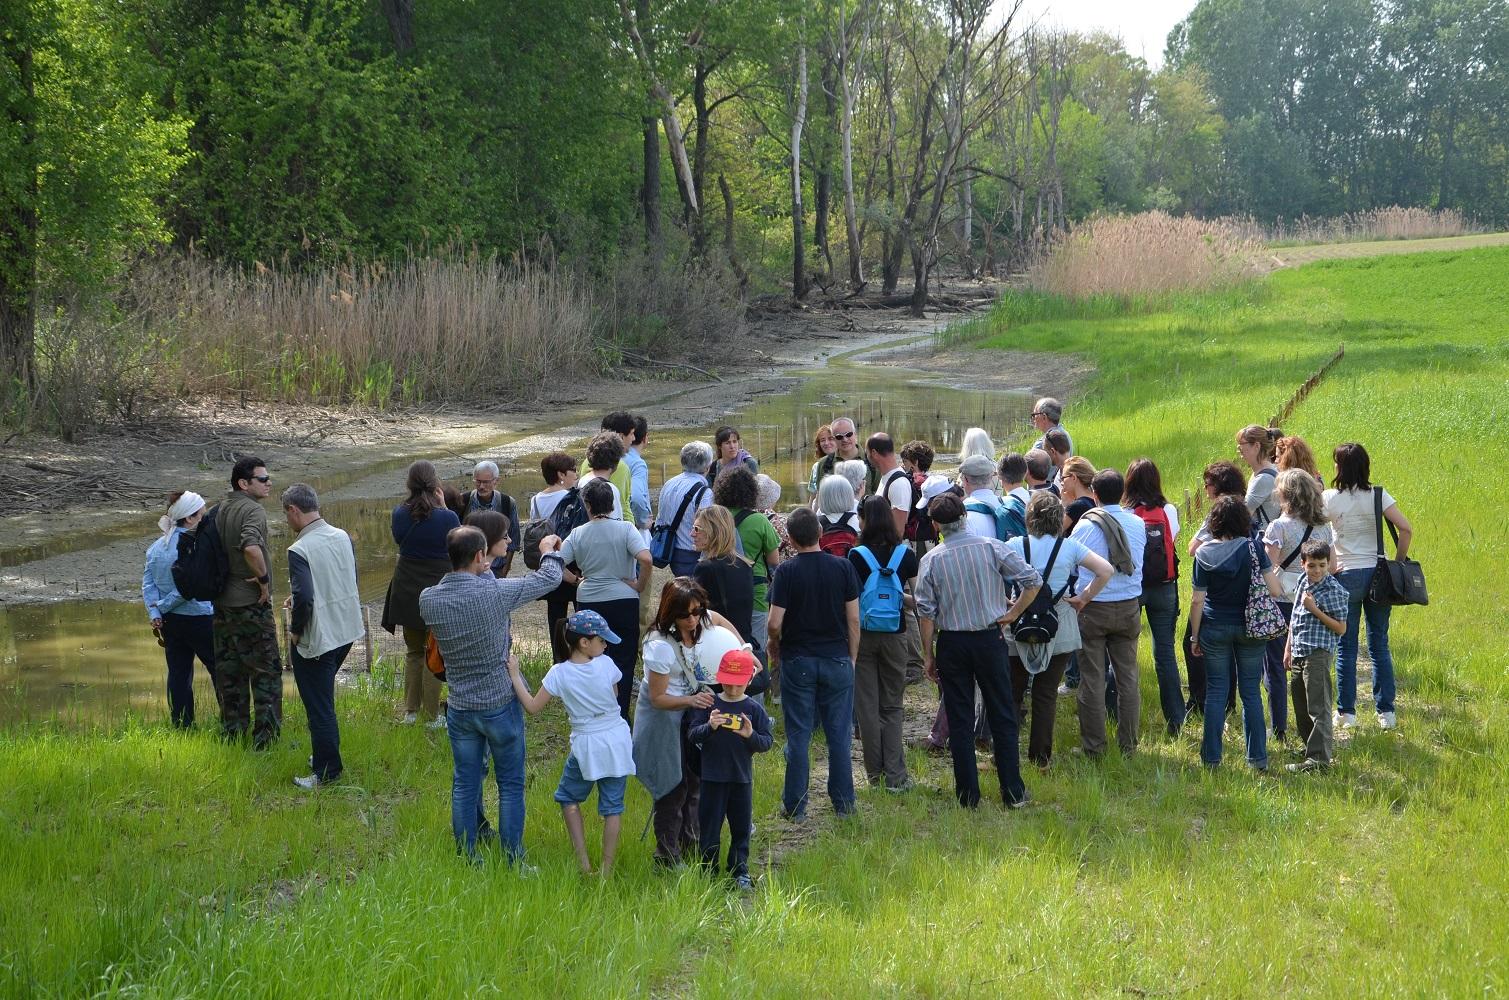 A passeggio con il fitosociologo - Visita guidata alla scoperta della biodiversità dei prati stabili e degli habitat comunitari della Riserva naturale Parma Morta - ESPERTA Srl